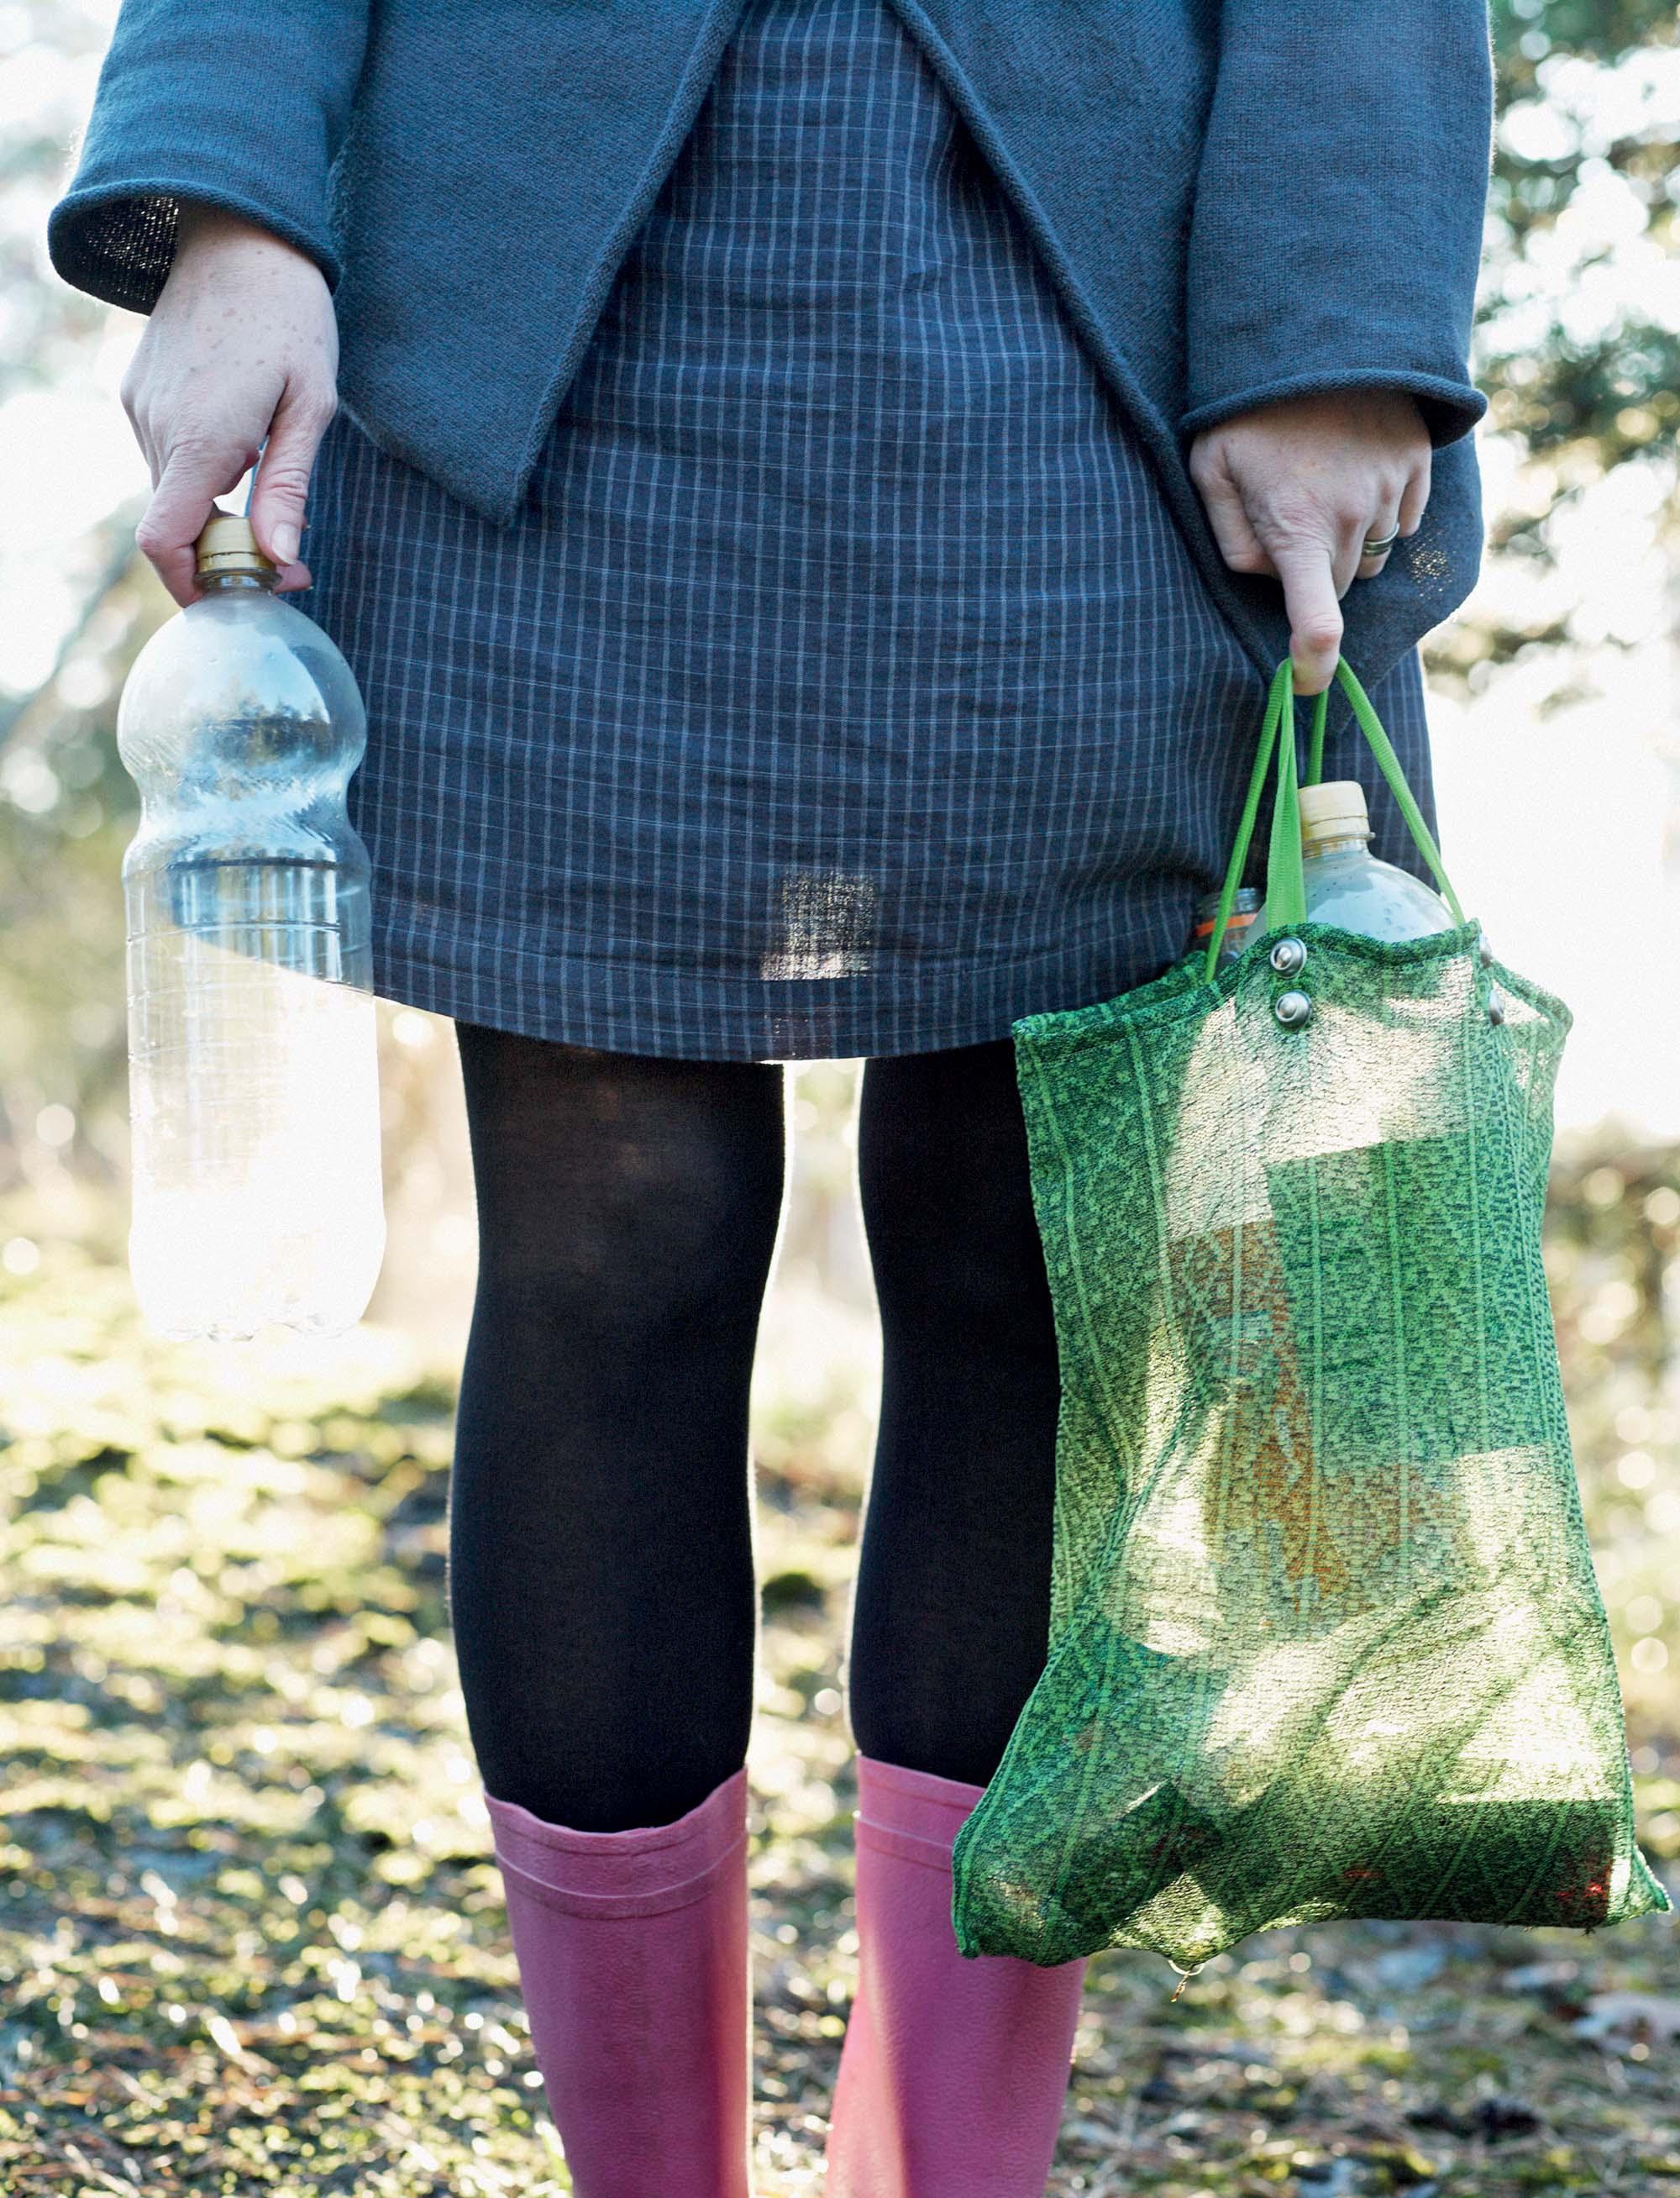 đổi mới sáng tạo người dân tái chế chai nhựa cũ